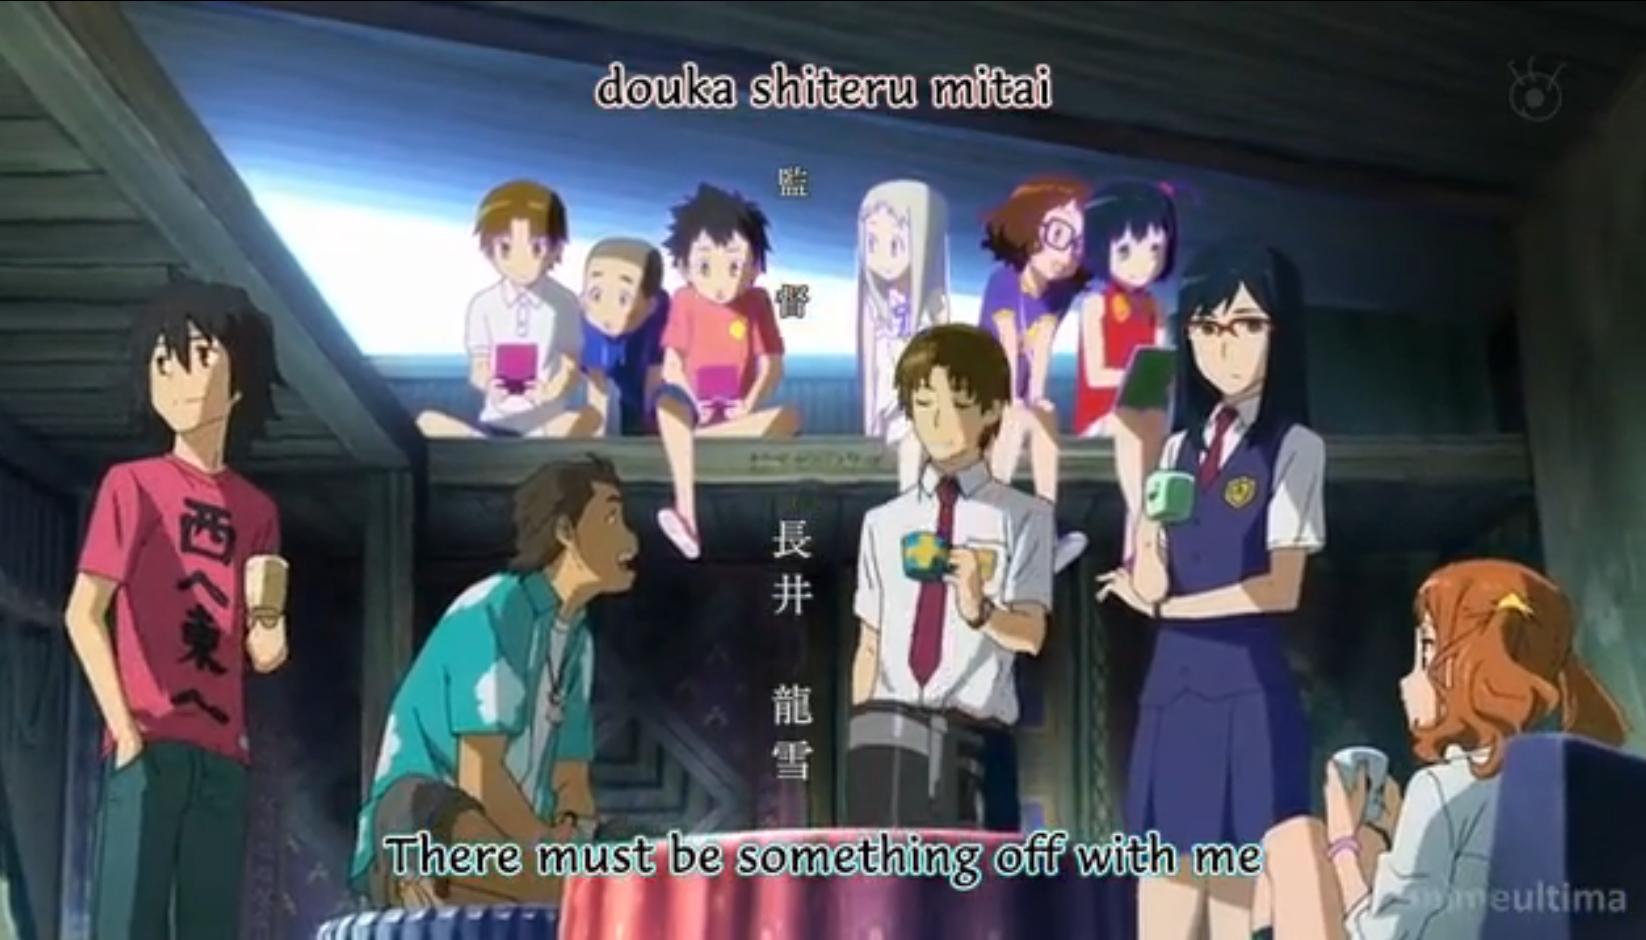 大人にこそ見てほしいアニメは何ですか?